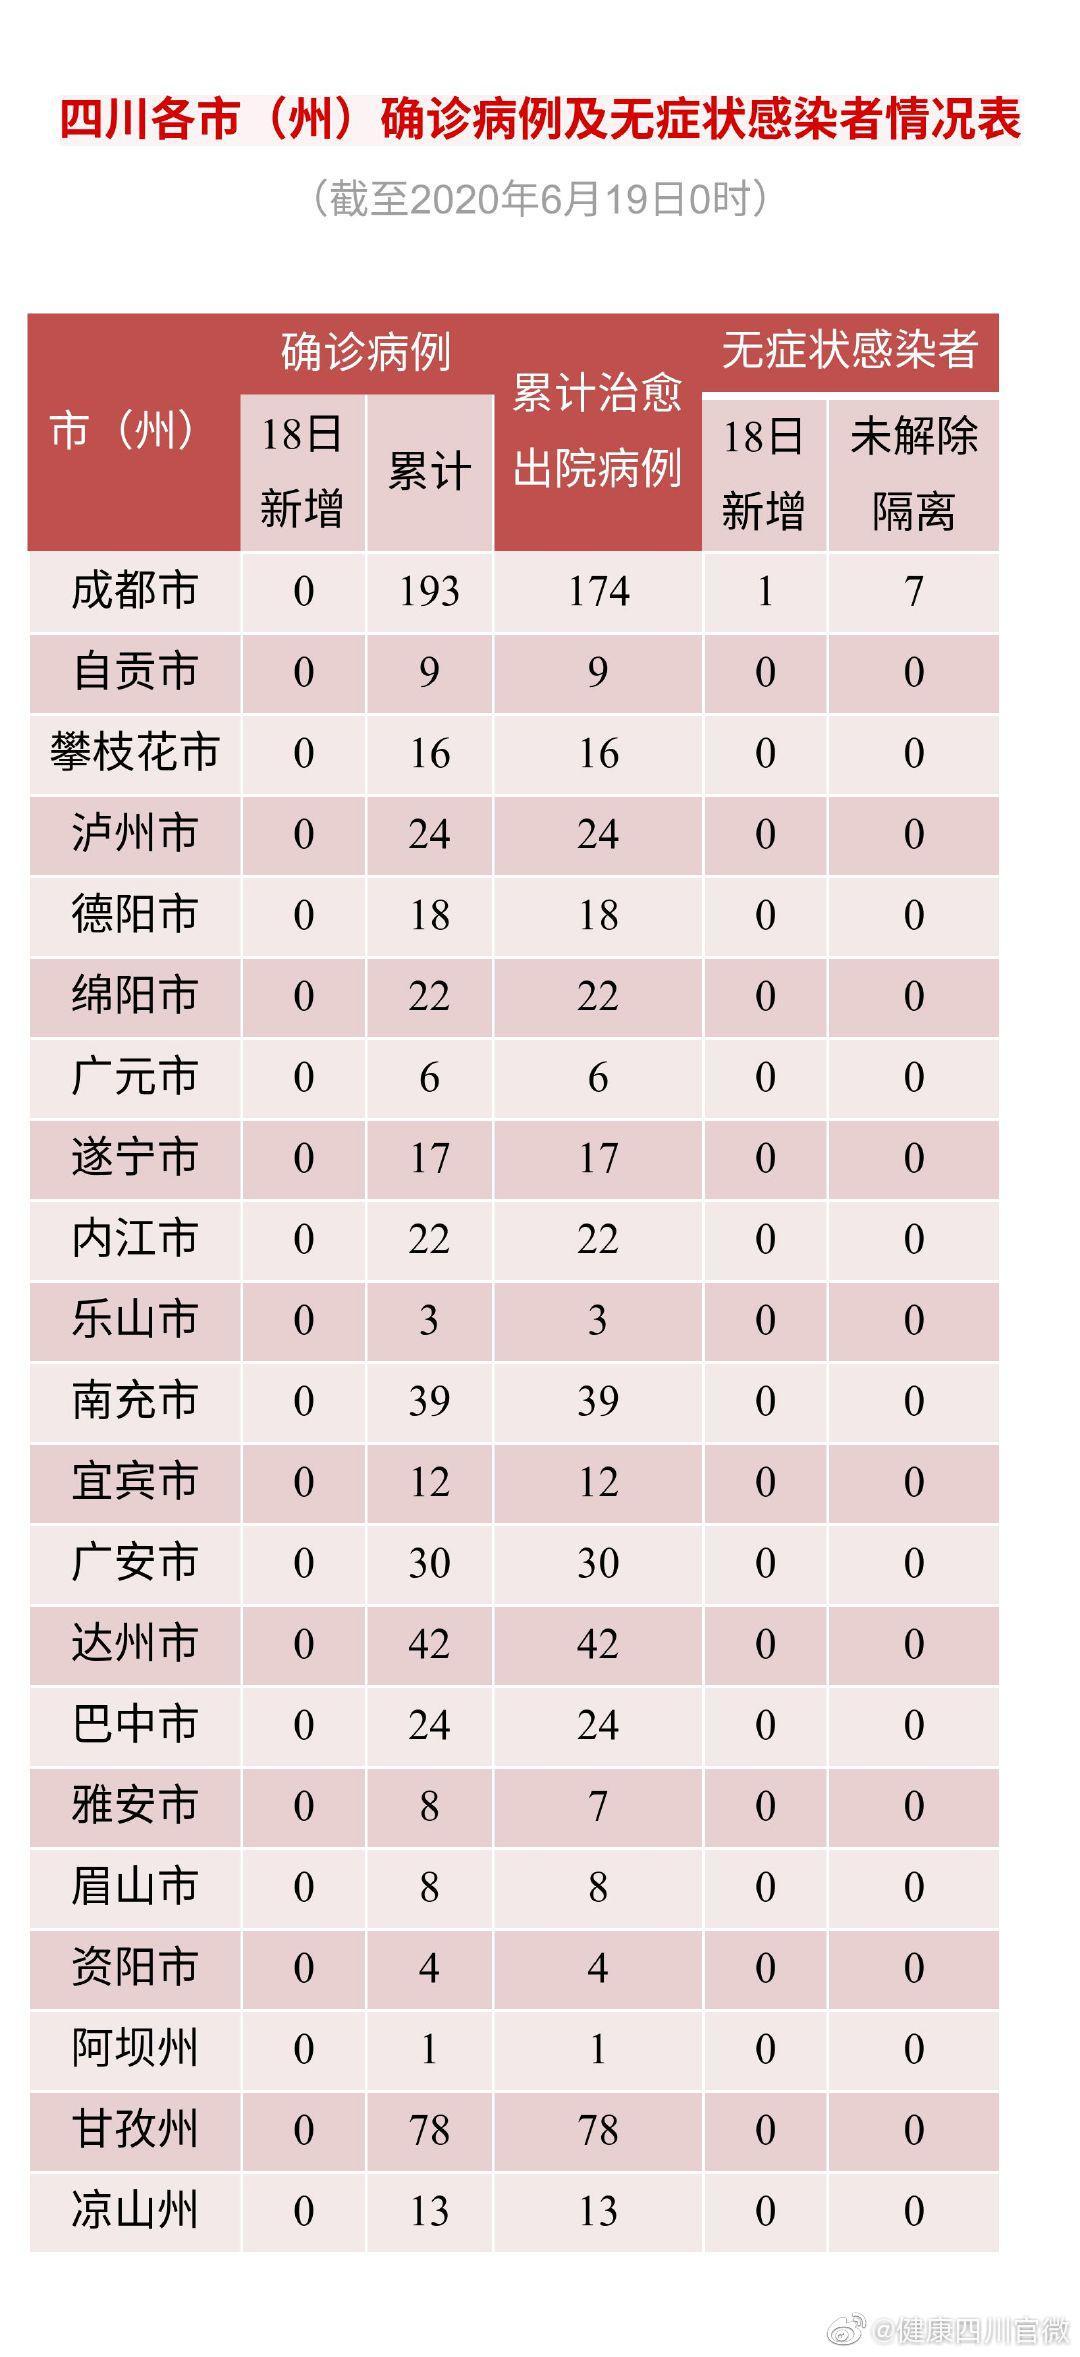 【摩天代理】型冠状病毒肺炎疫情最摩天代理新图片